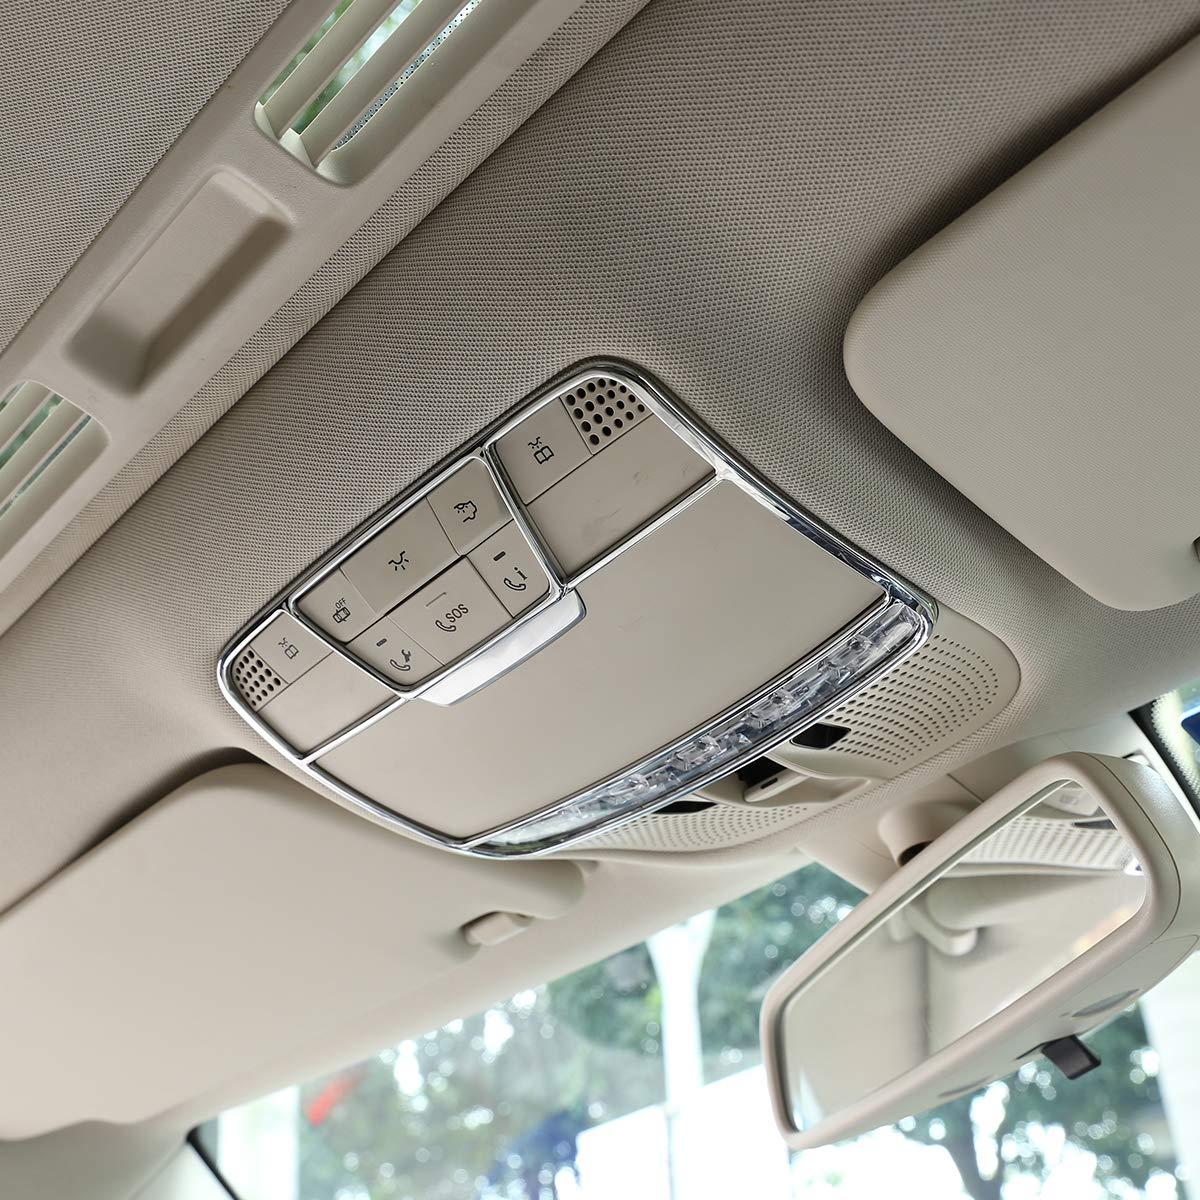 Acessórios do carro ABS Chrome Frente Light Reading W205 C260 Decorar Quadro Apare para Mercedes Benz Classe E W213 X253 GLC 2015-2018